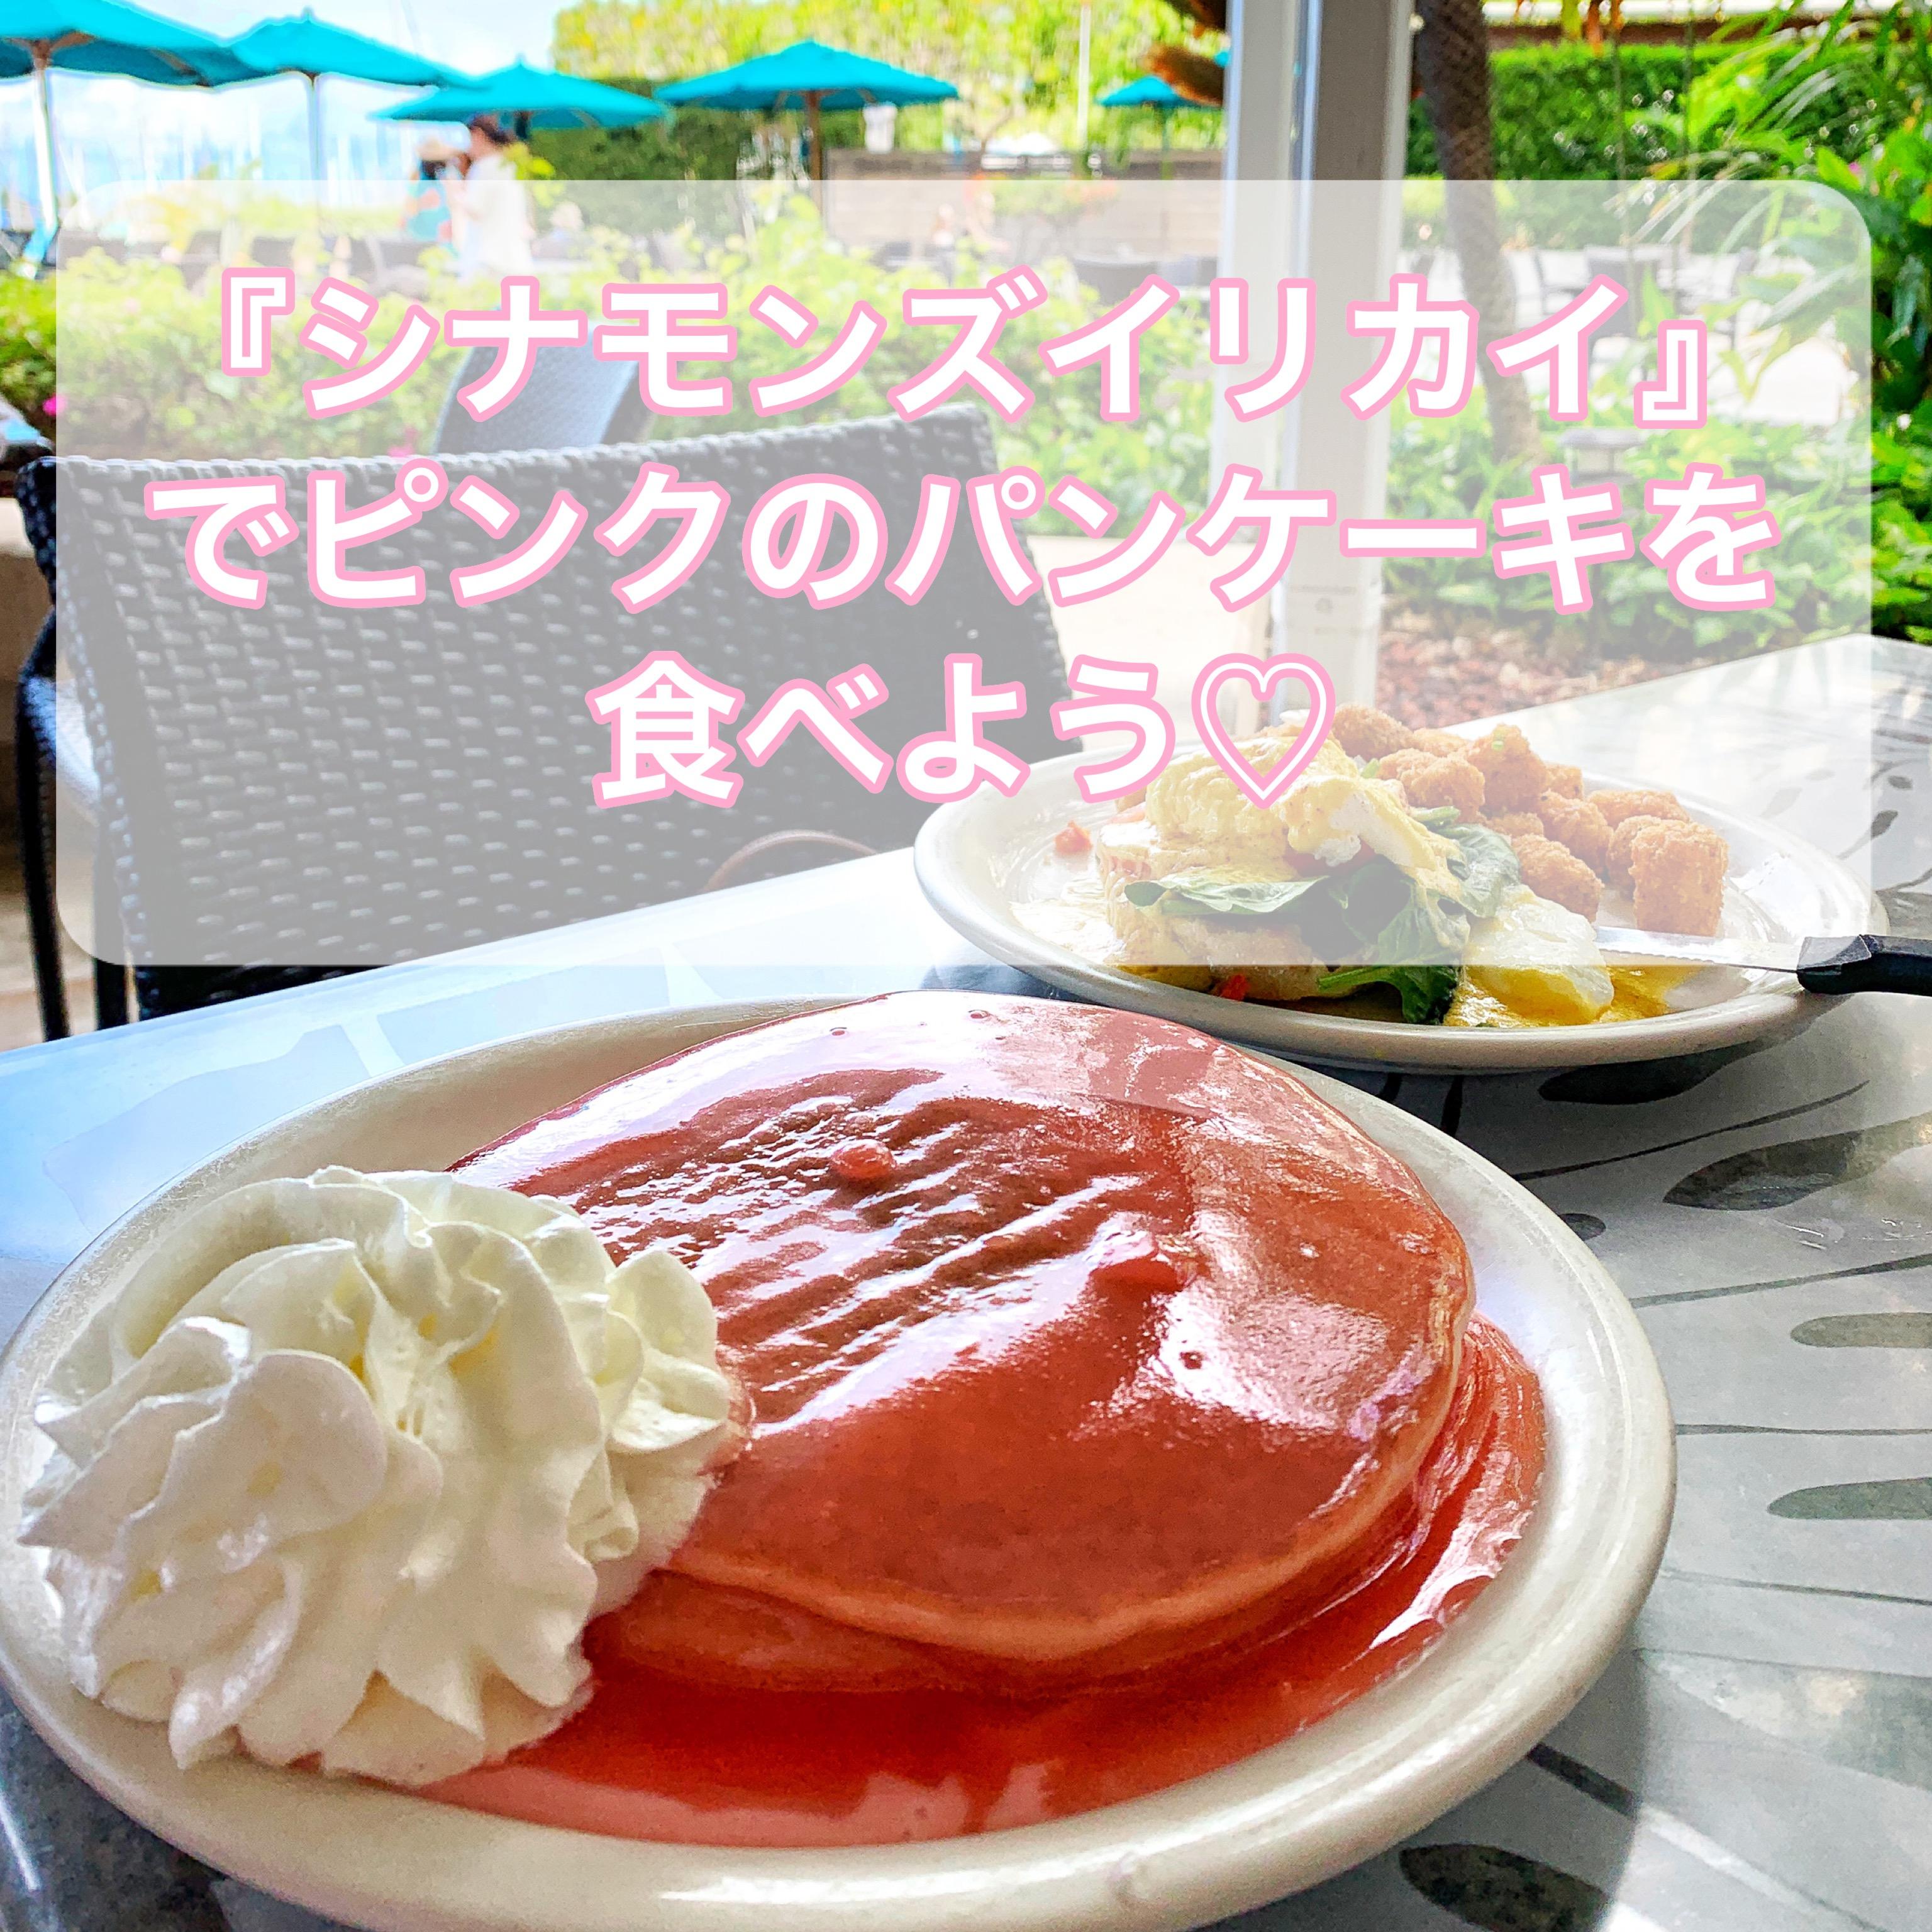 【ハワイ朝食】「シナモンズ・イリカイ」名物グァバパンケーキ【おすすめ】